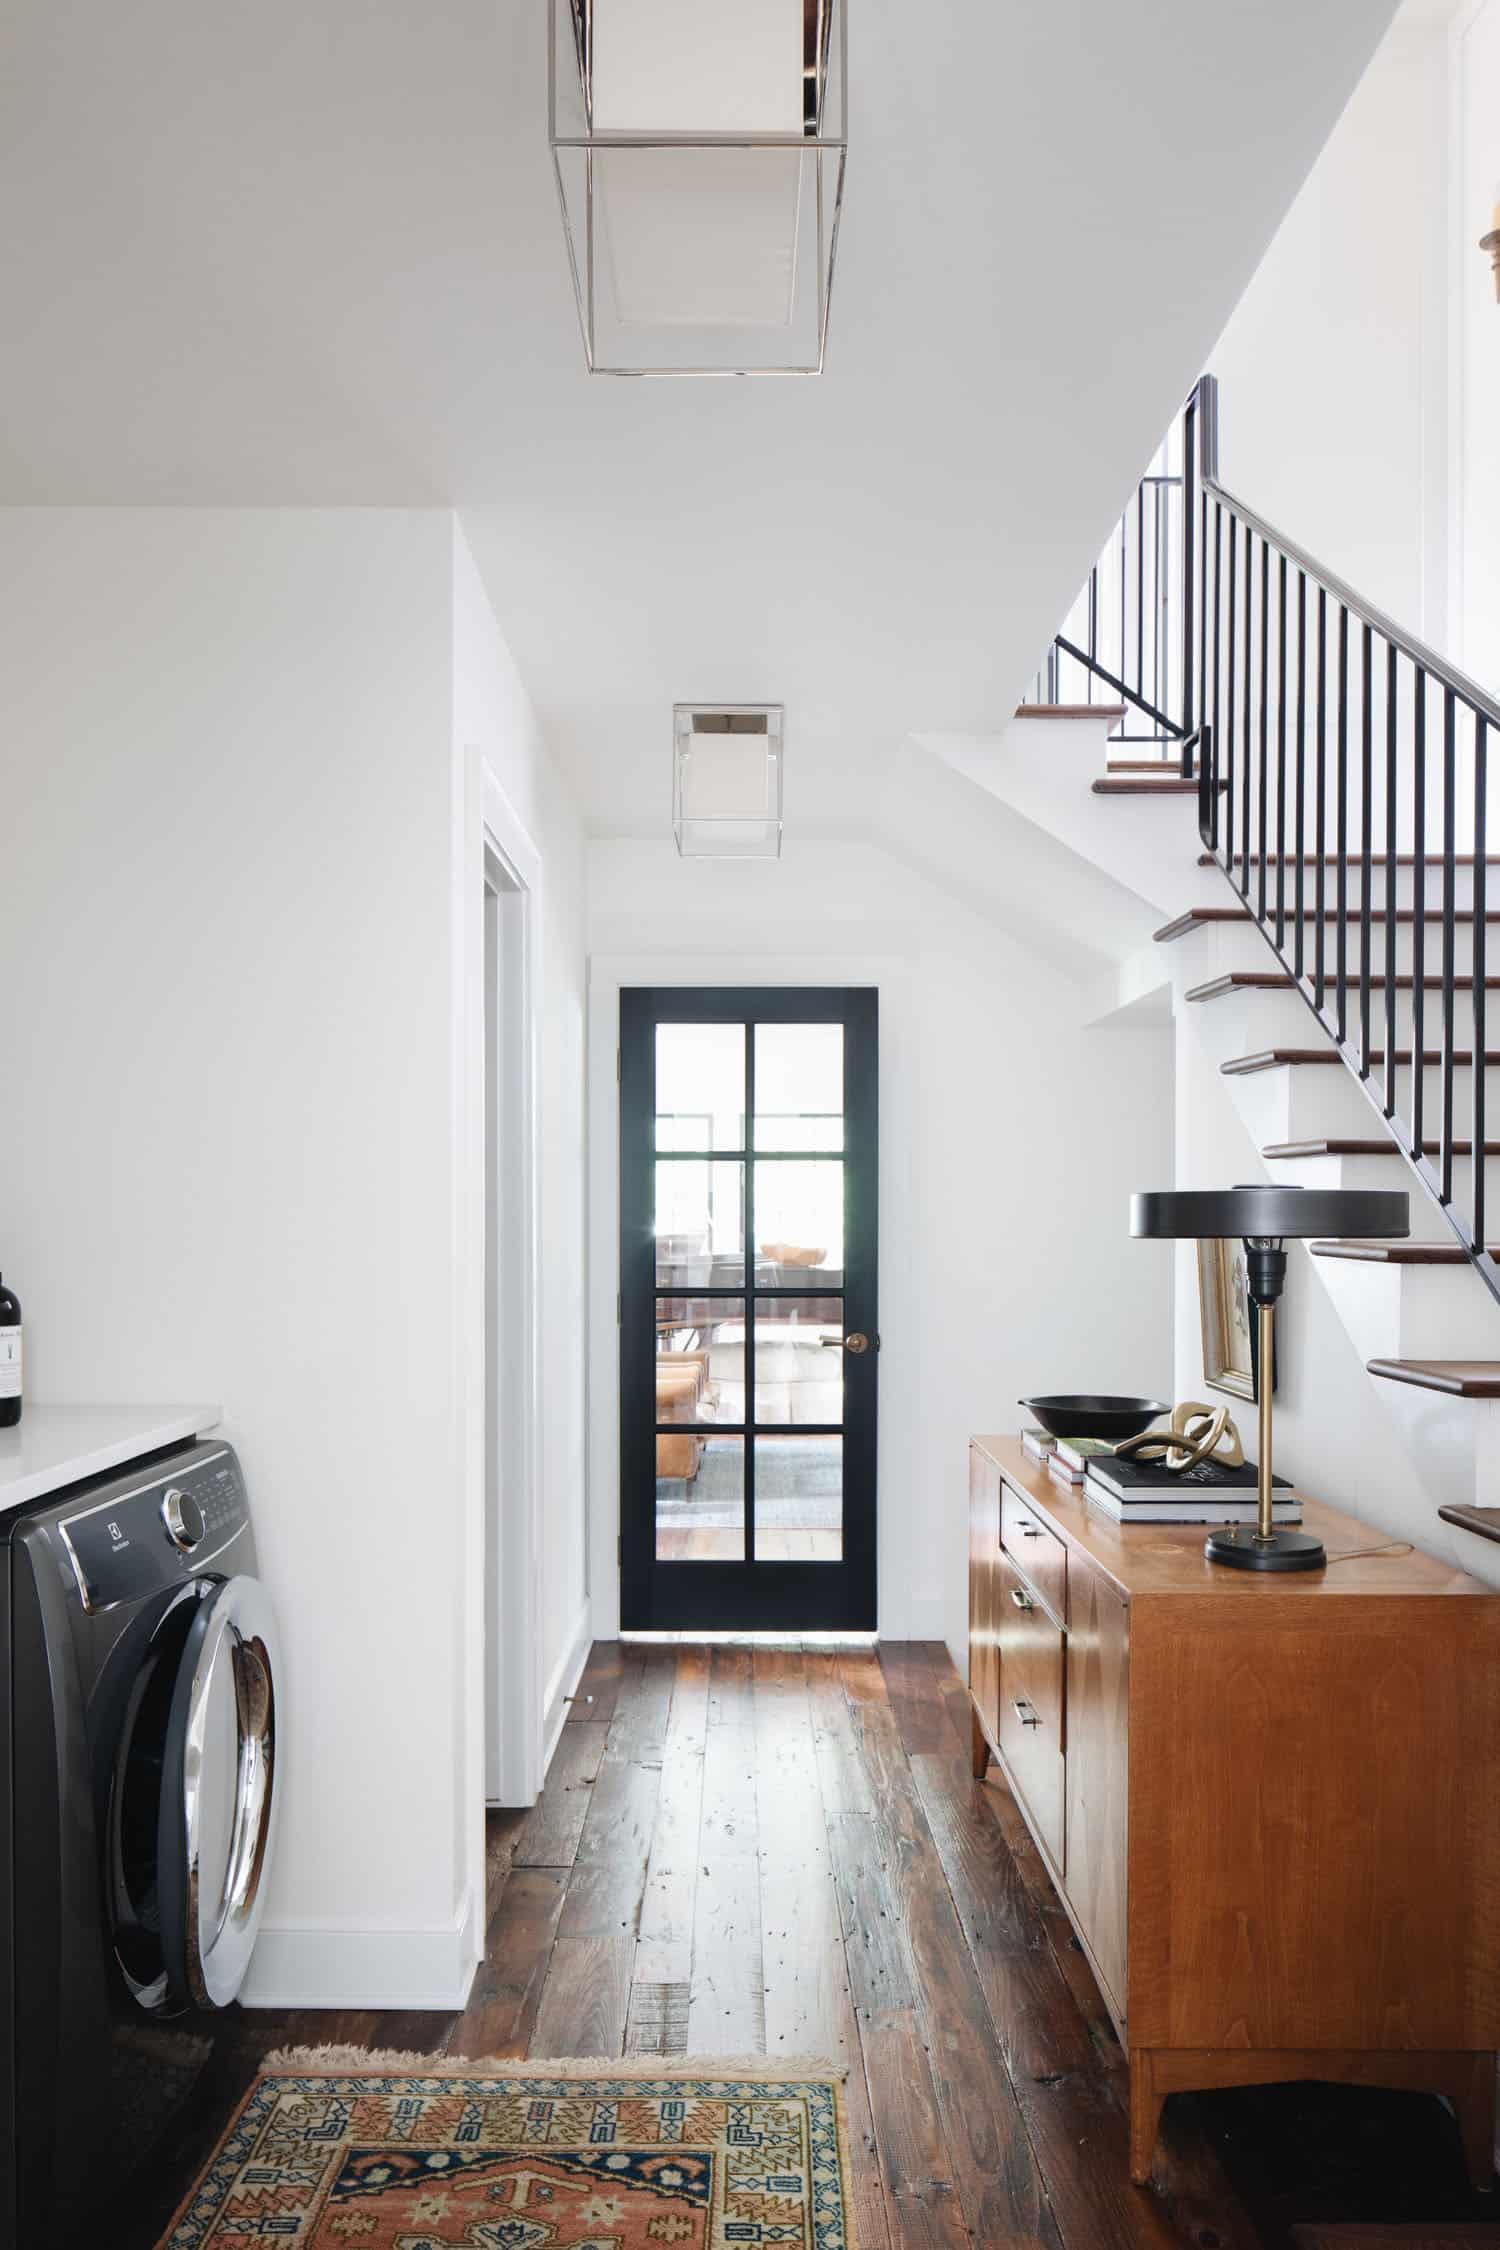 praonica-soba-hodnik-stubište u tradicionalnom stilu